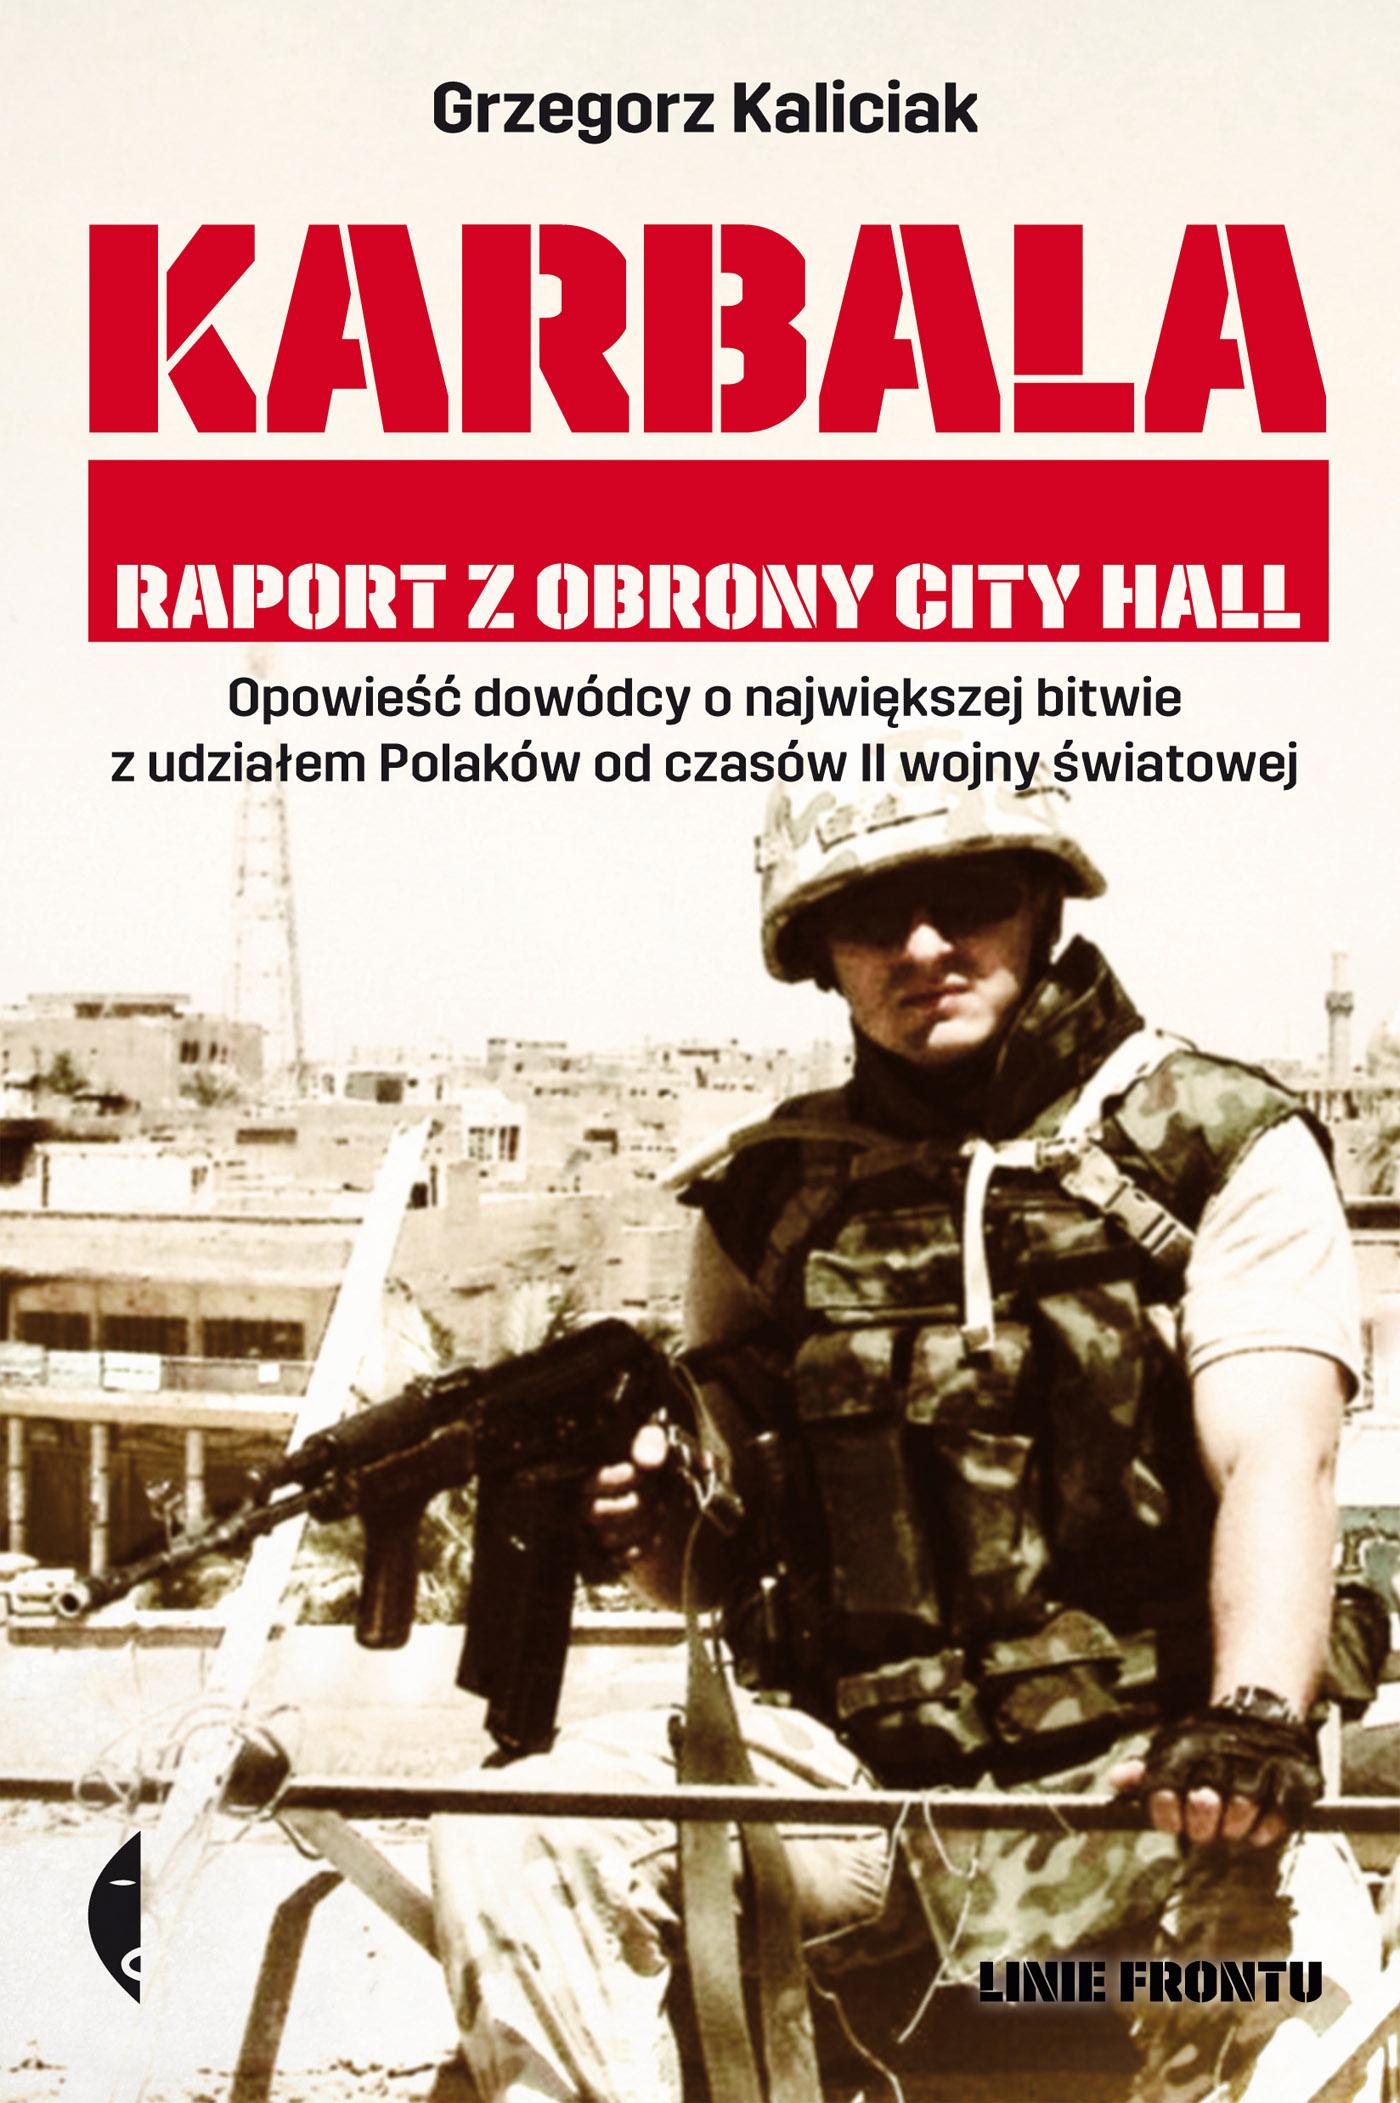 Ppłk Grzegorz Kaliciak Karbala недорого